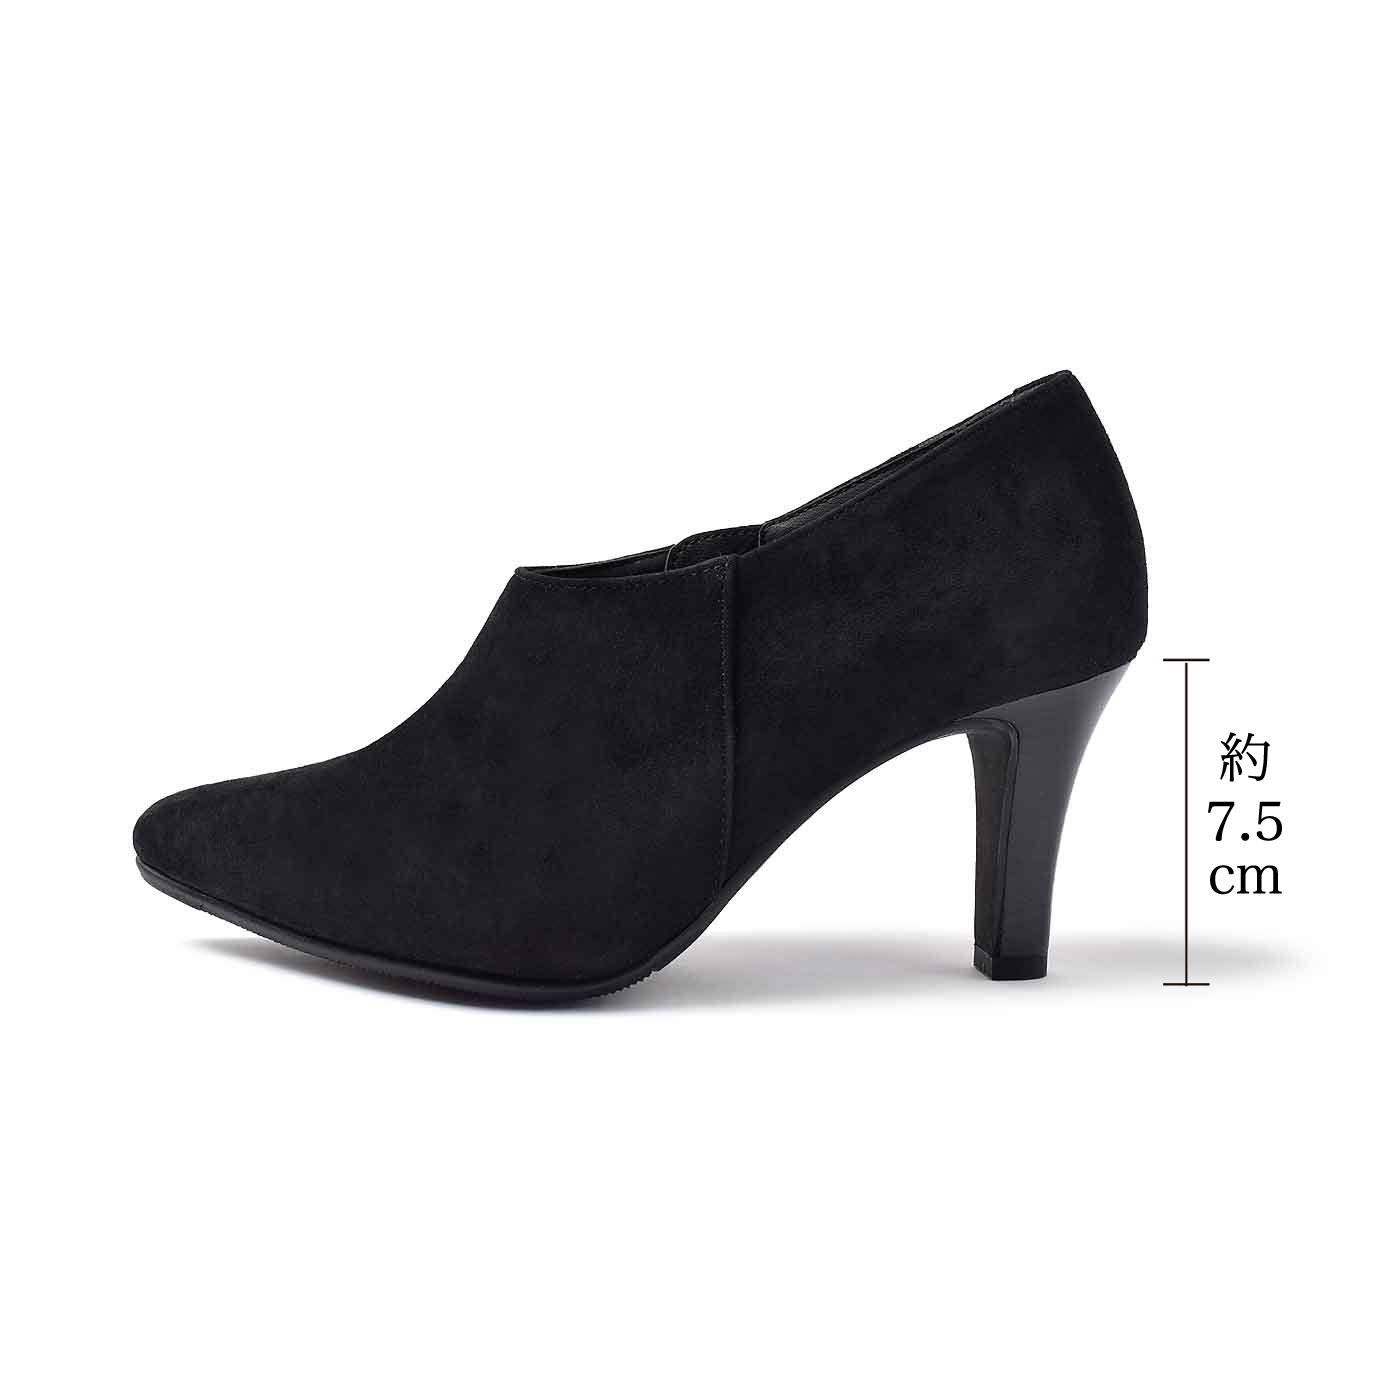 女性の足を美しく見せる7.5cmにこだわって今回もブーティーを企画。究極のパンプスと同じ履き心地を実現しています。